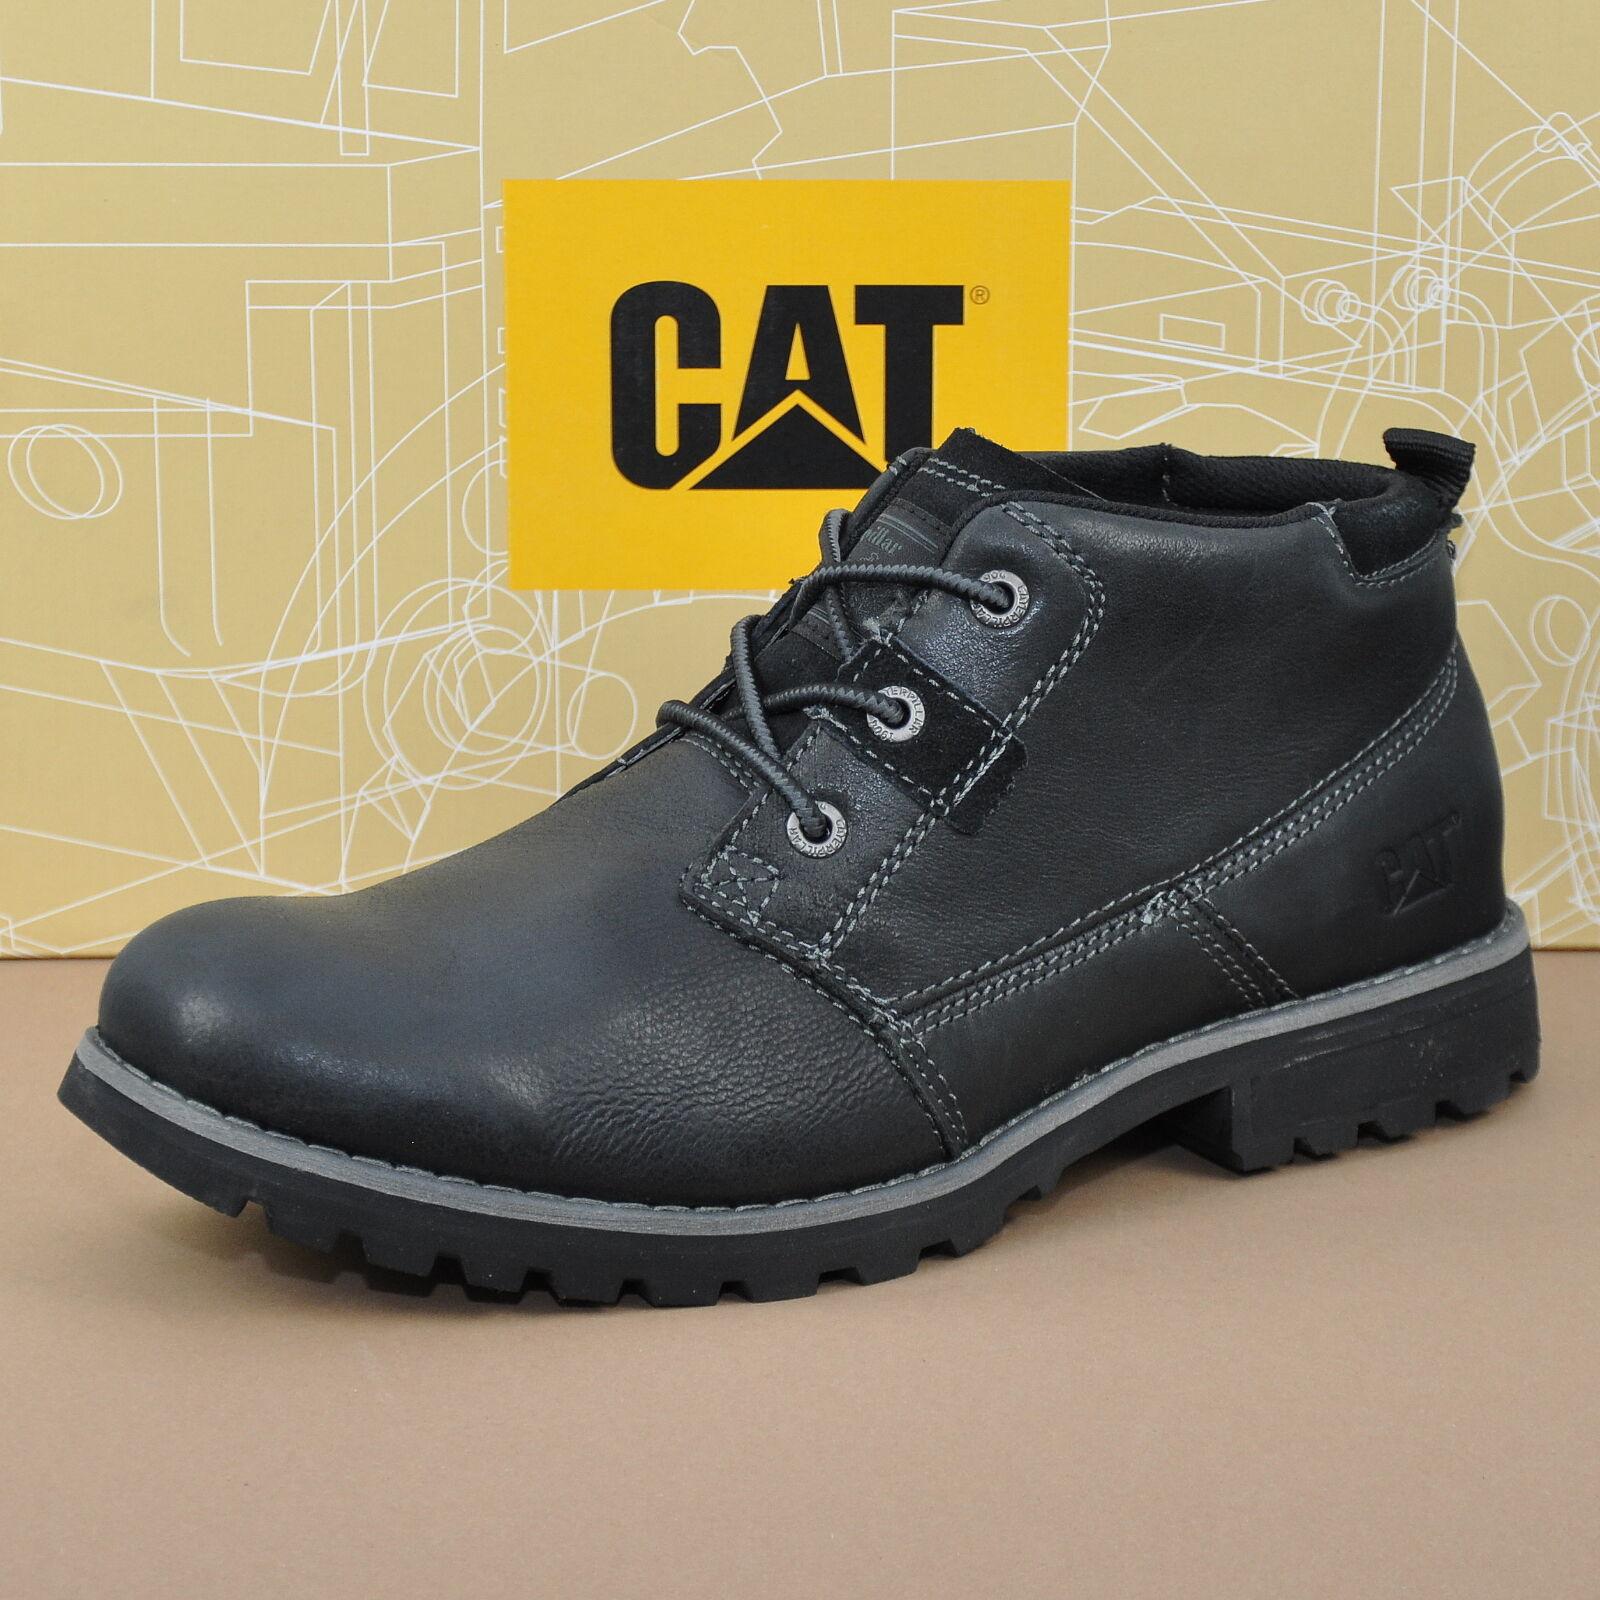 Caterpillar De CAT Footwear Harold Botas De Caterpillar Cuero Para Hombres Zapatos Botas Negro 87efd9